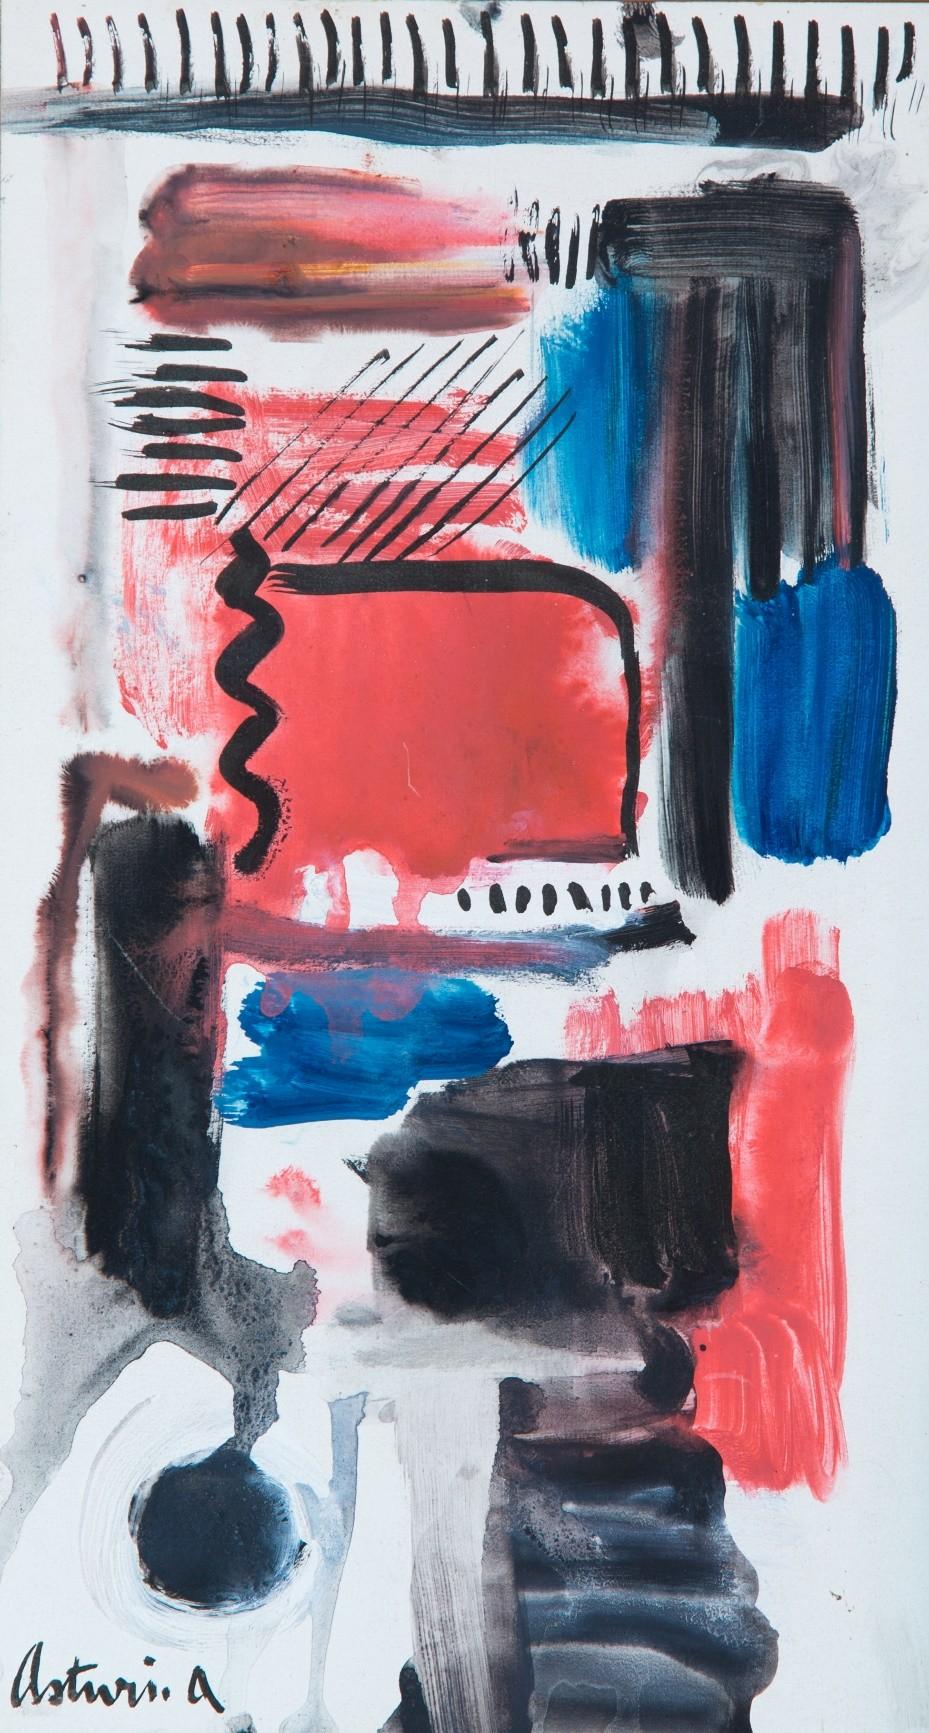 """Percorsi, 1969 – 1970 Acquerello su cartoncino, 29 x 16 cm. Firmato in basso a sinistra: """"Asturi A."""" Donazione Gregorio Asturi"""